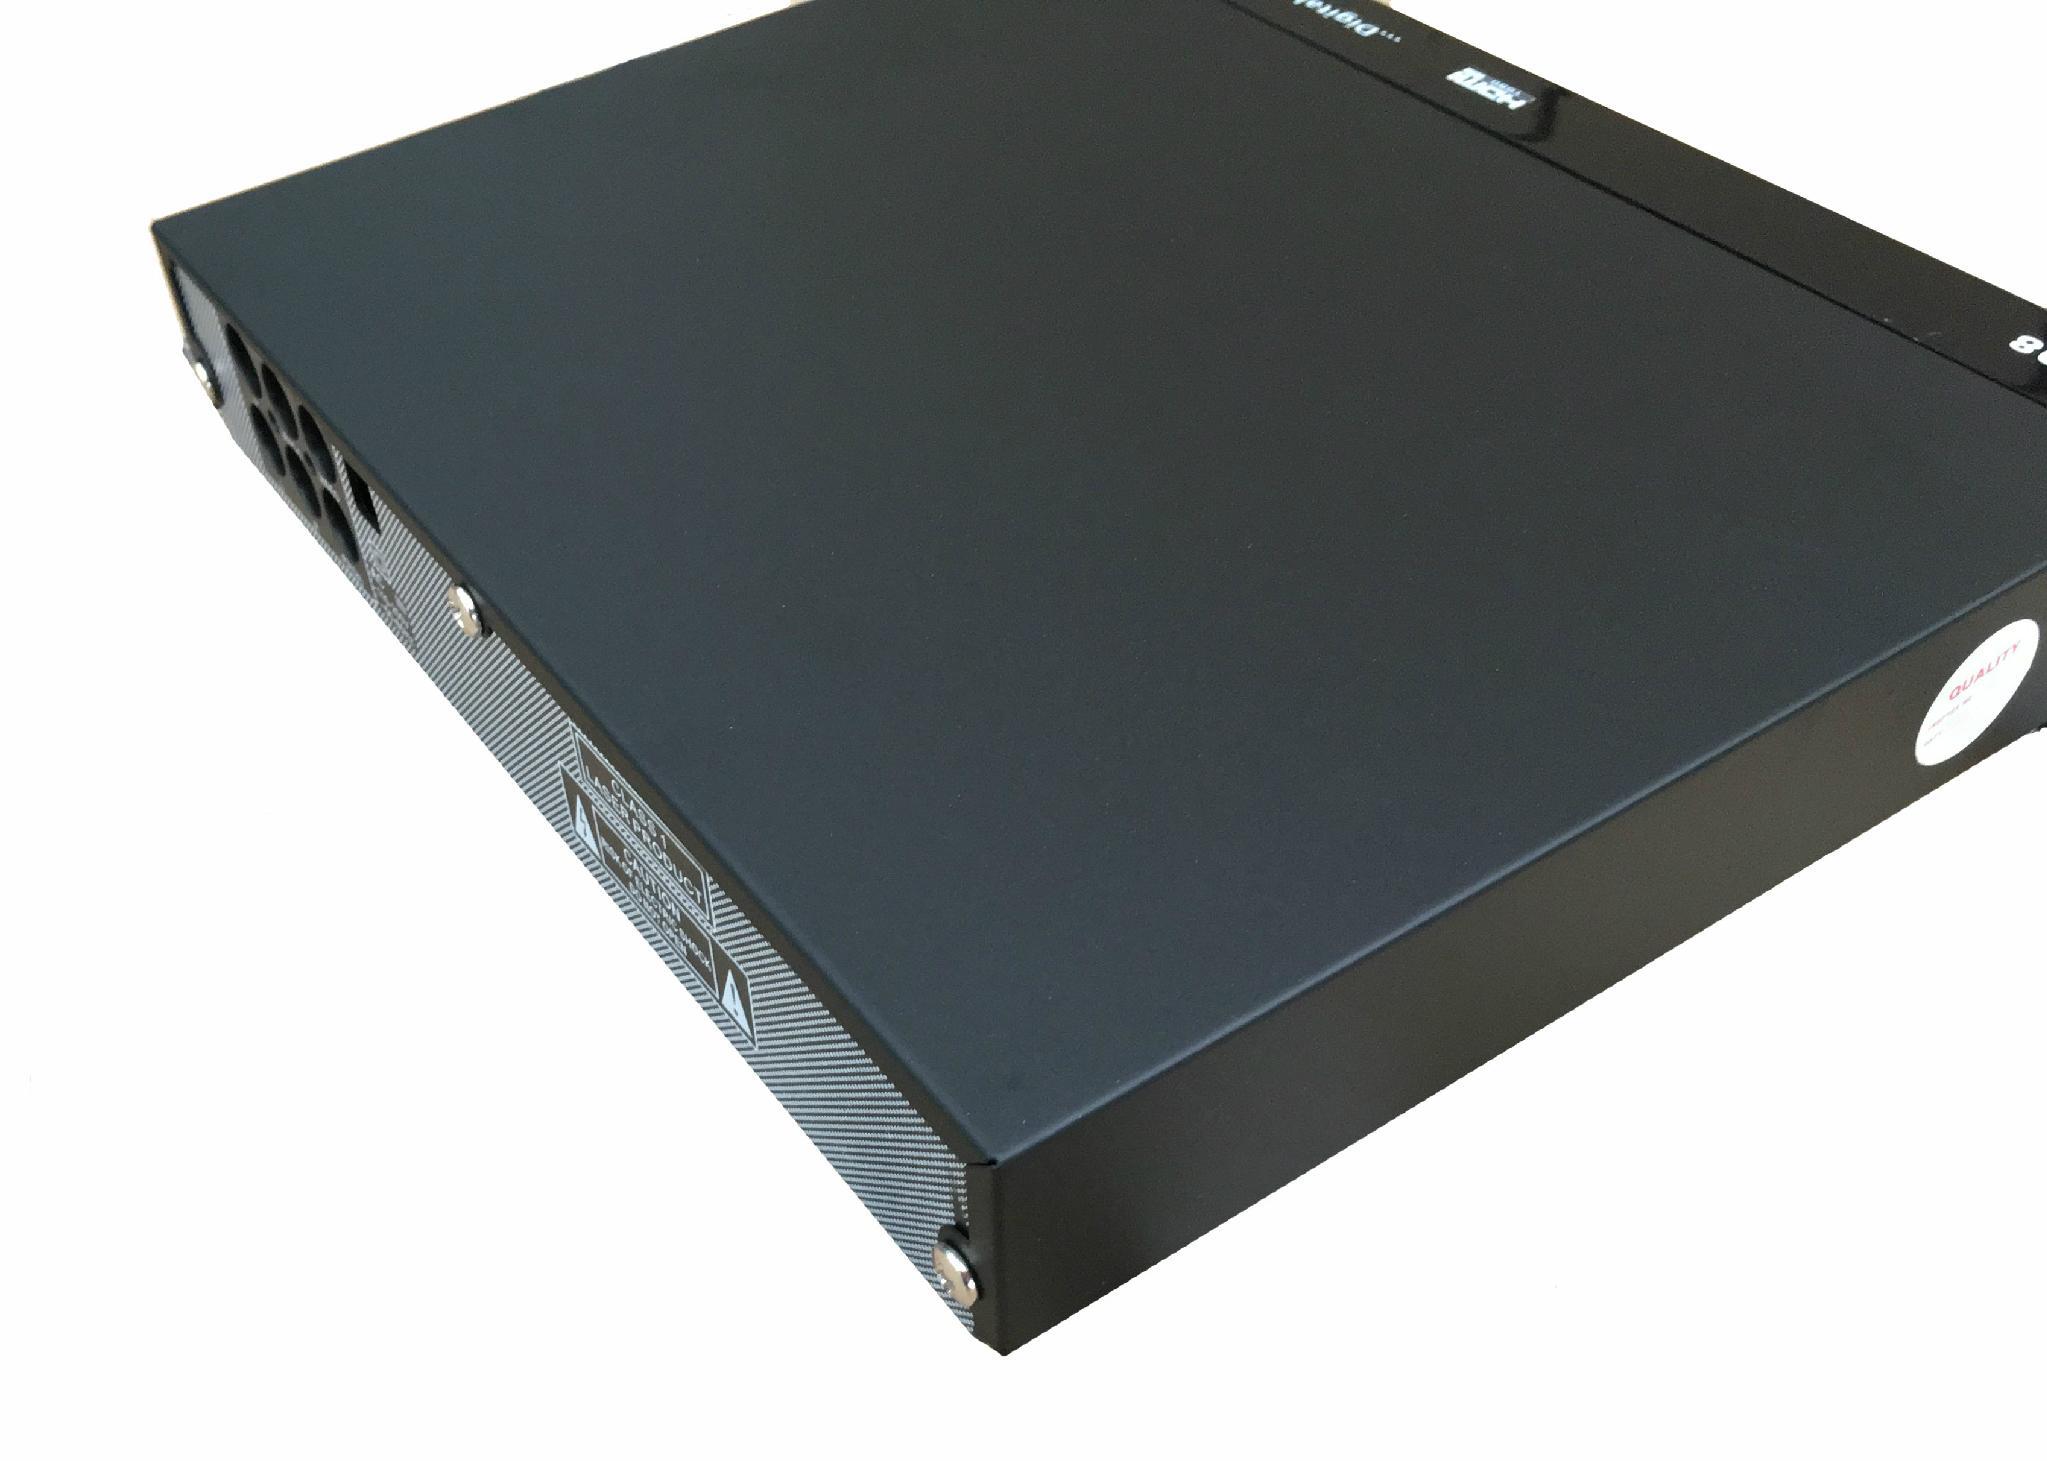 傢具展廳電視機頂盒模型 5